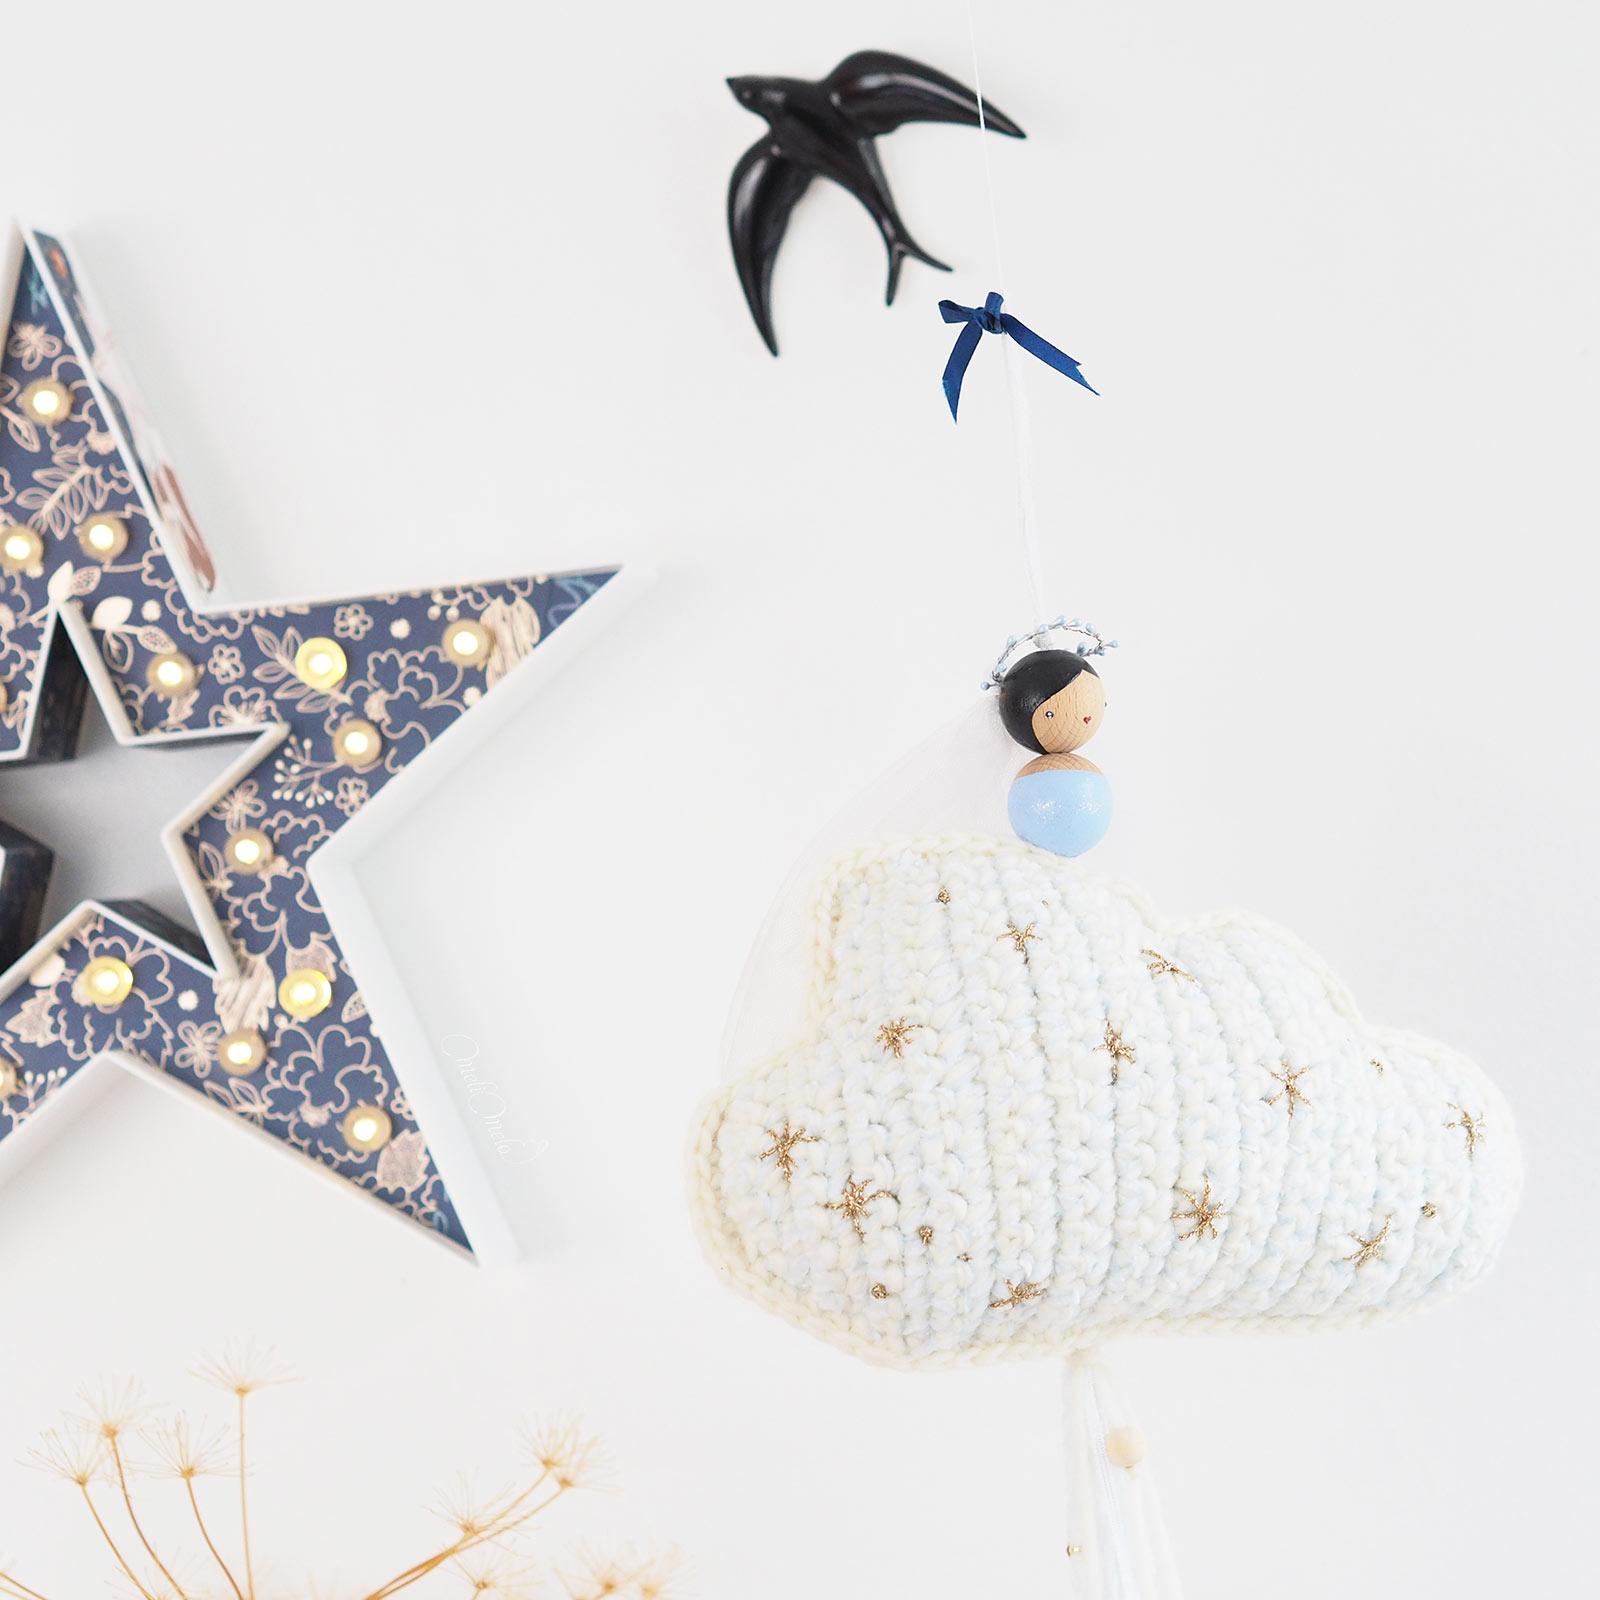 suspension-nuage-cadeau-naissance-pois-plumes-laboutiquedemelimelo